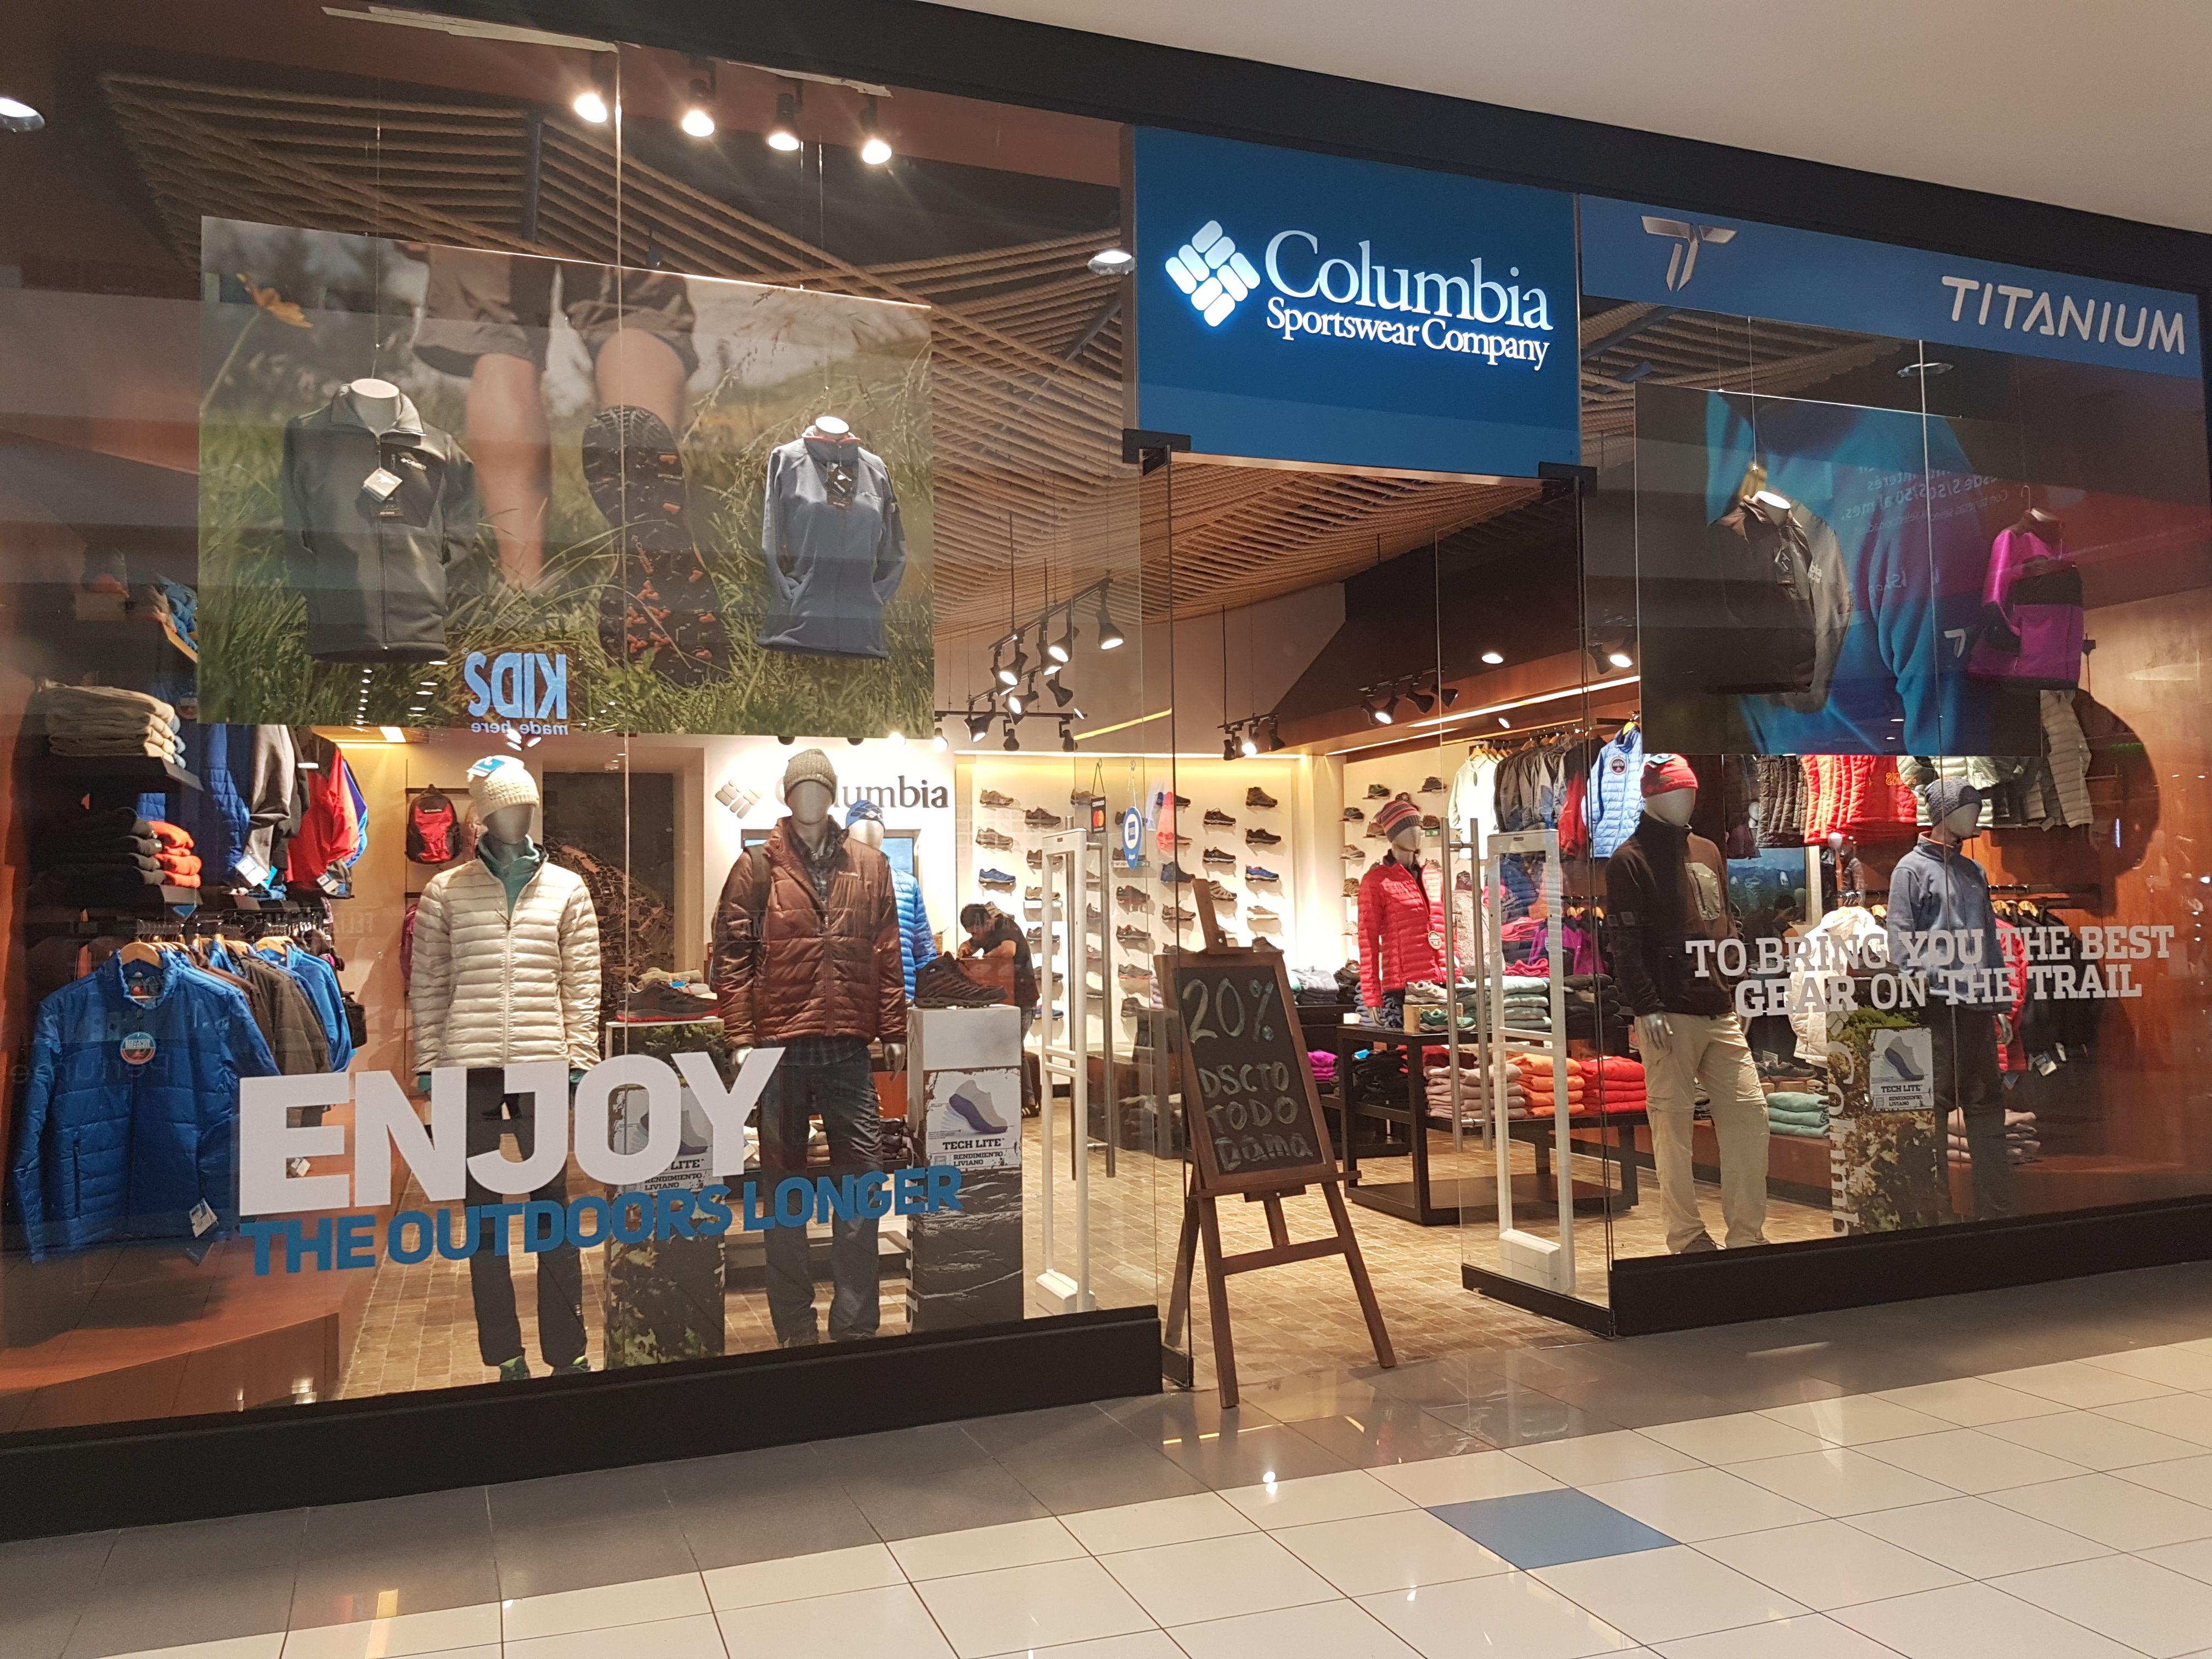 COLUMBIA - Plaza Norte